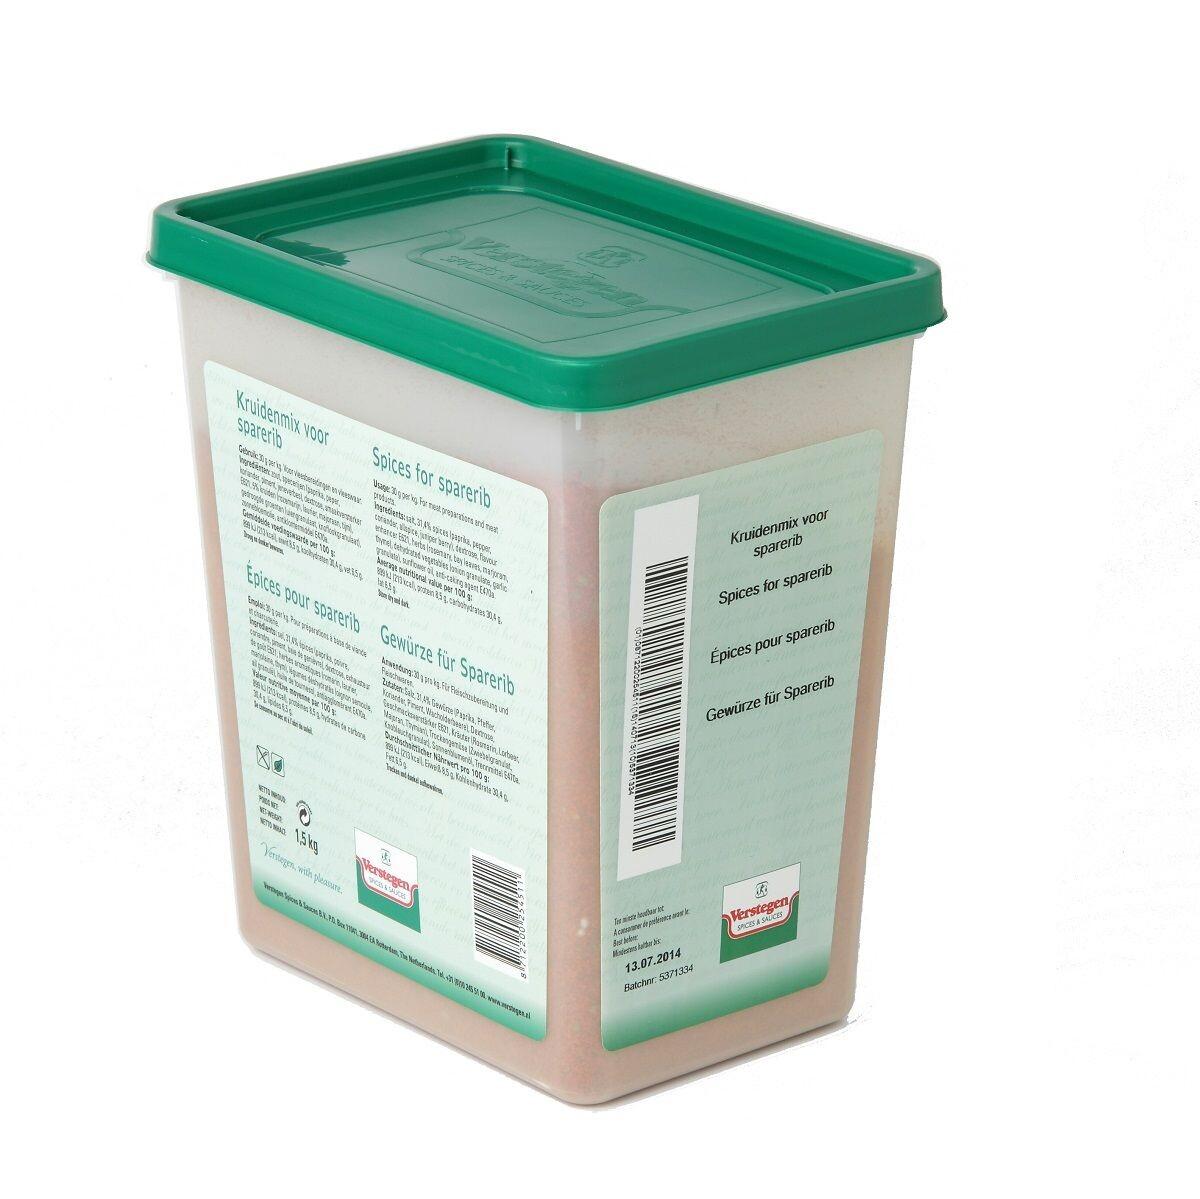 Verstegen Spices for Sparerib 1.6kg 3LP